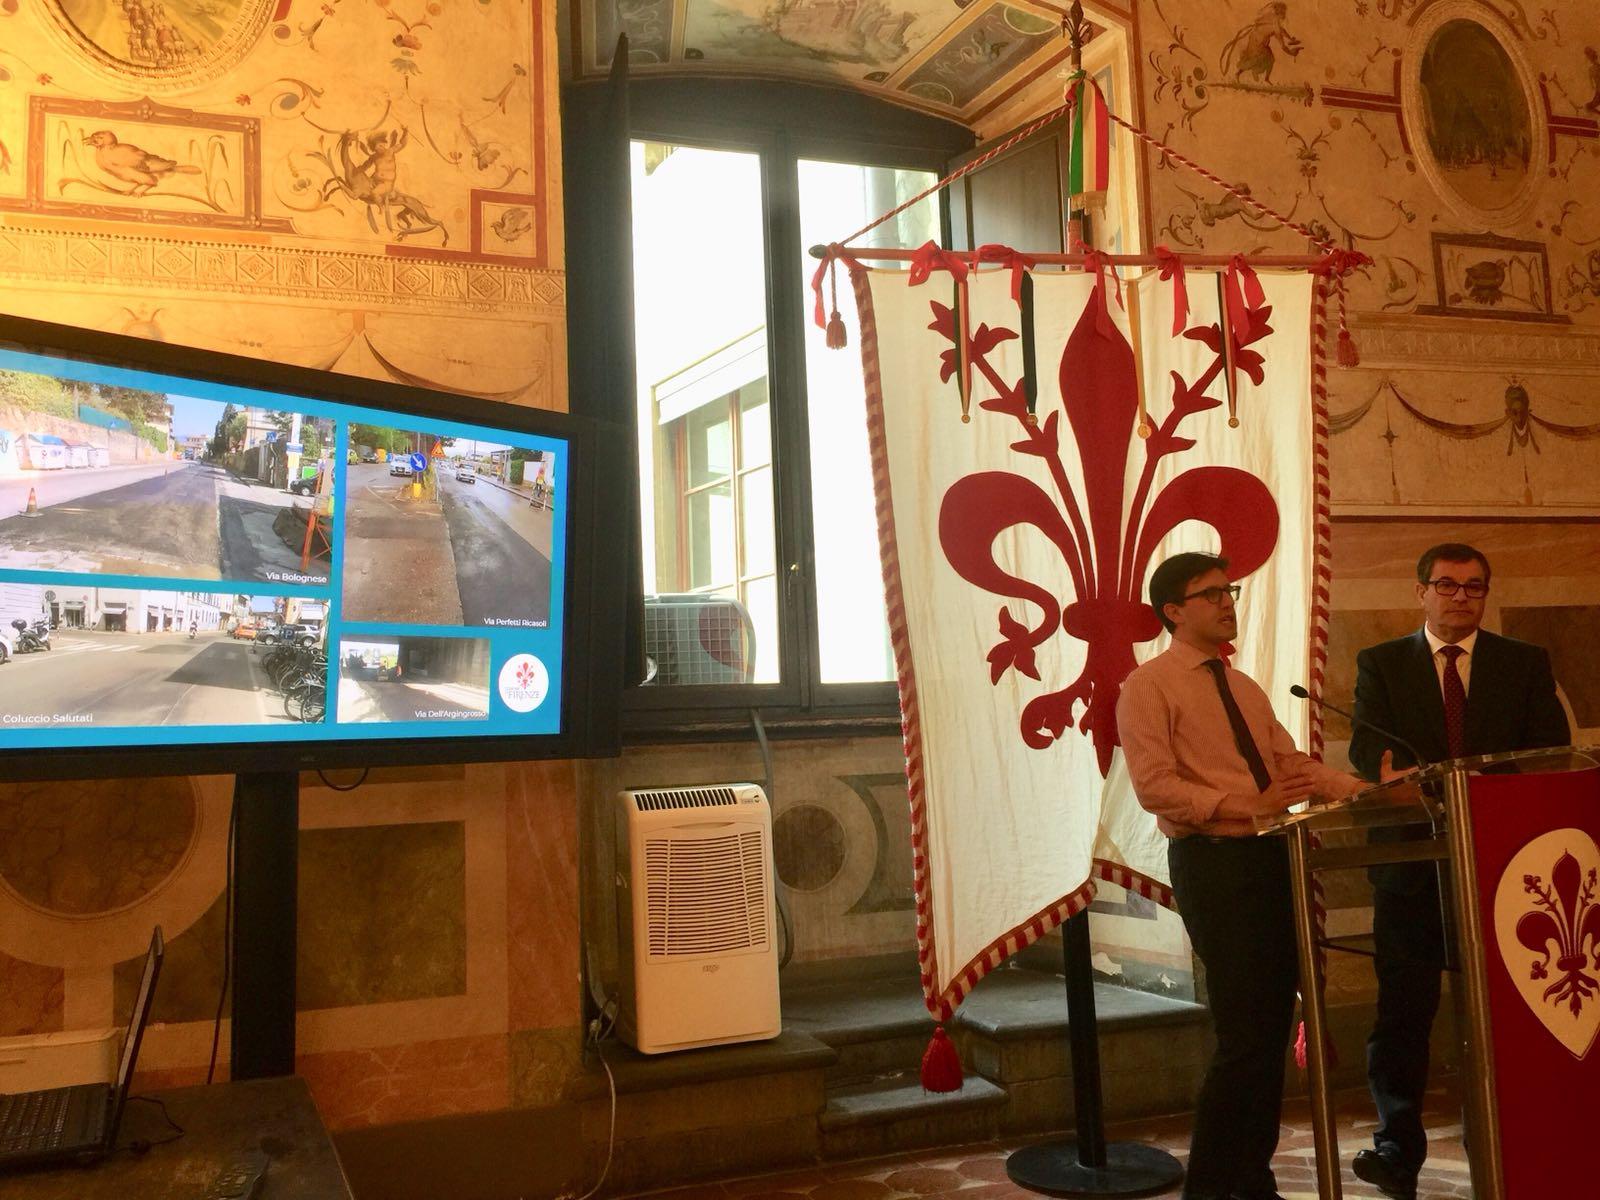 Strade a Firenze, in 3 mesi coperte 7.116 buche